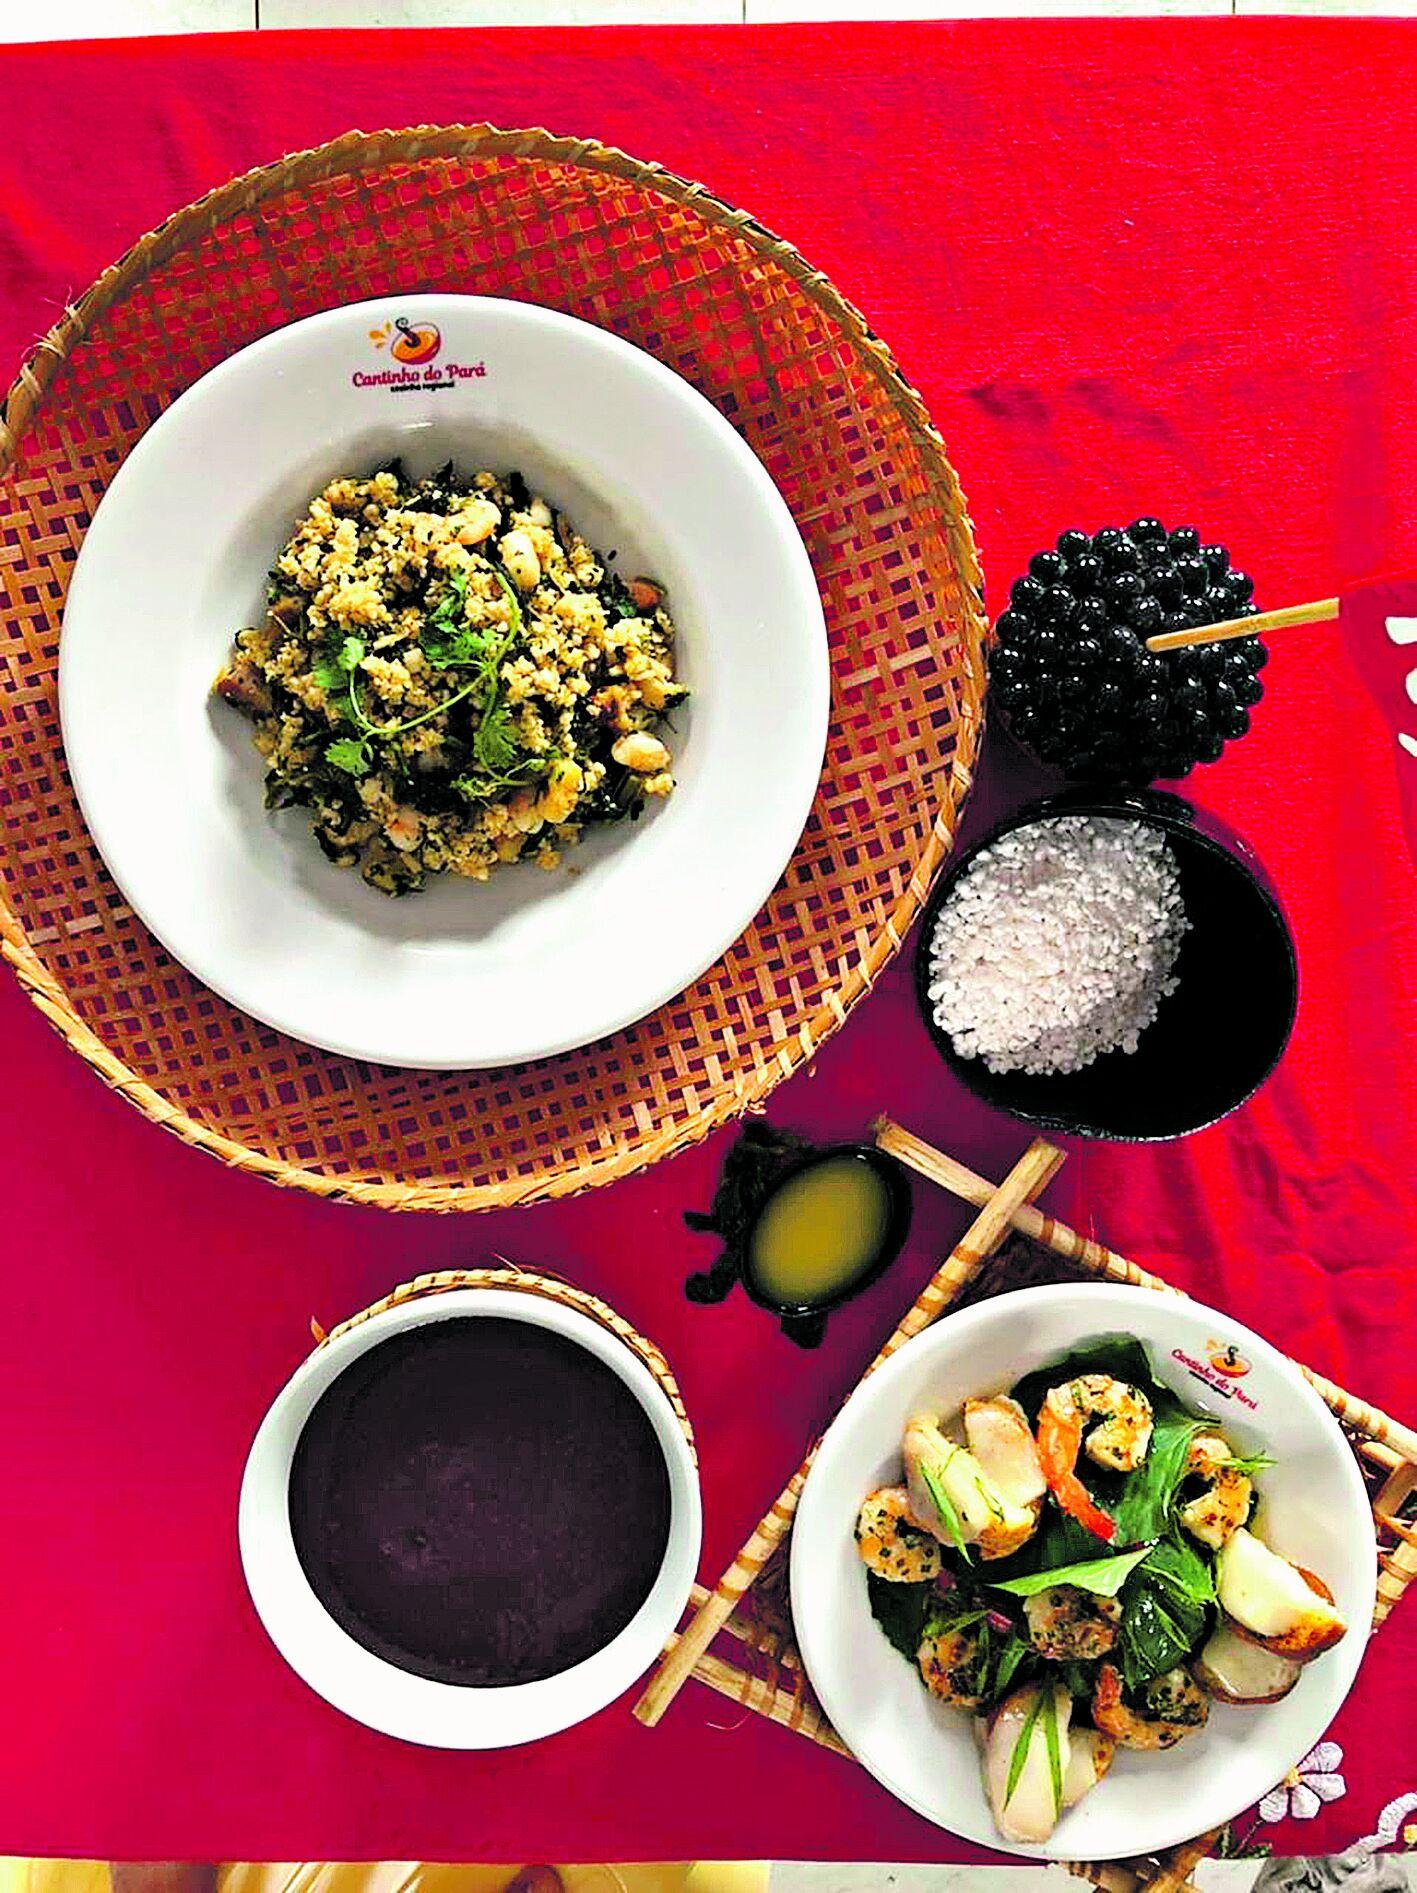 O Cantinho do Pará reinventou o prato principal para participar do festival e o público adorou